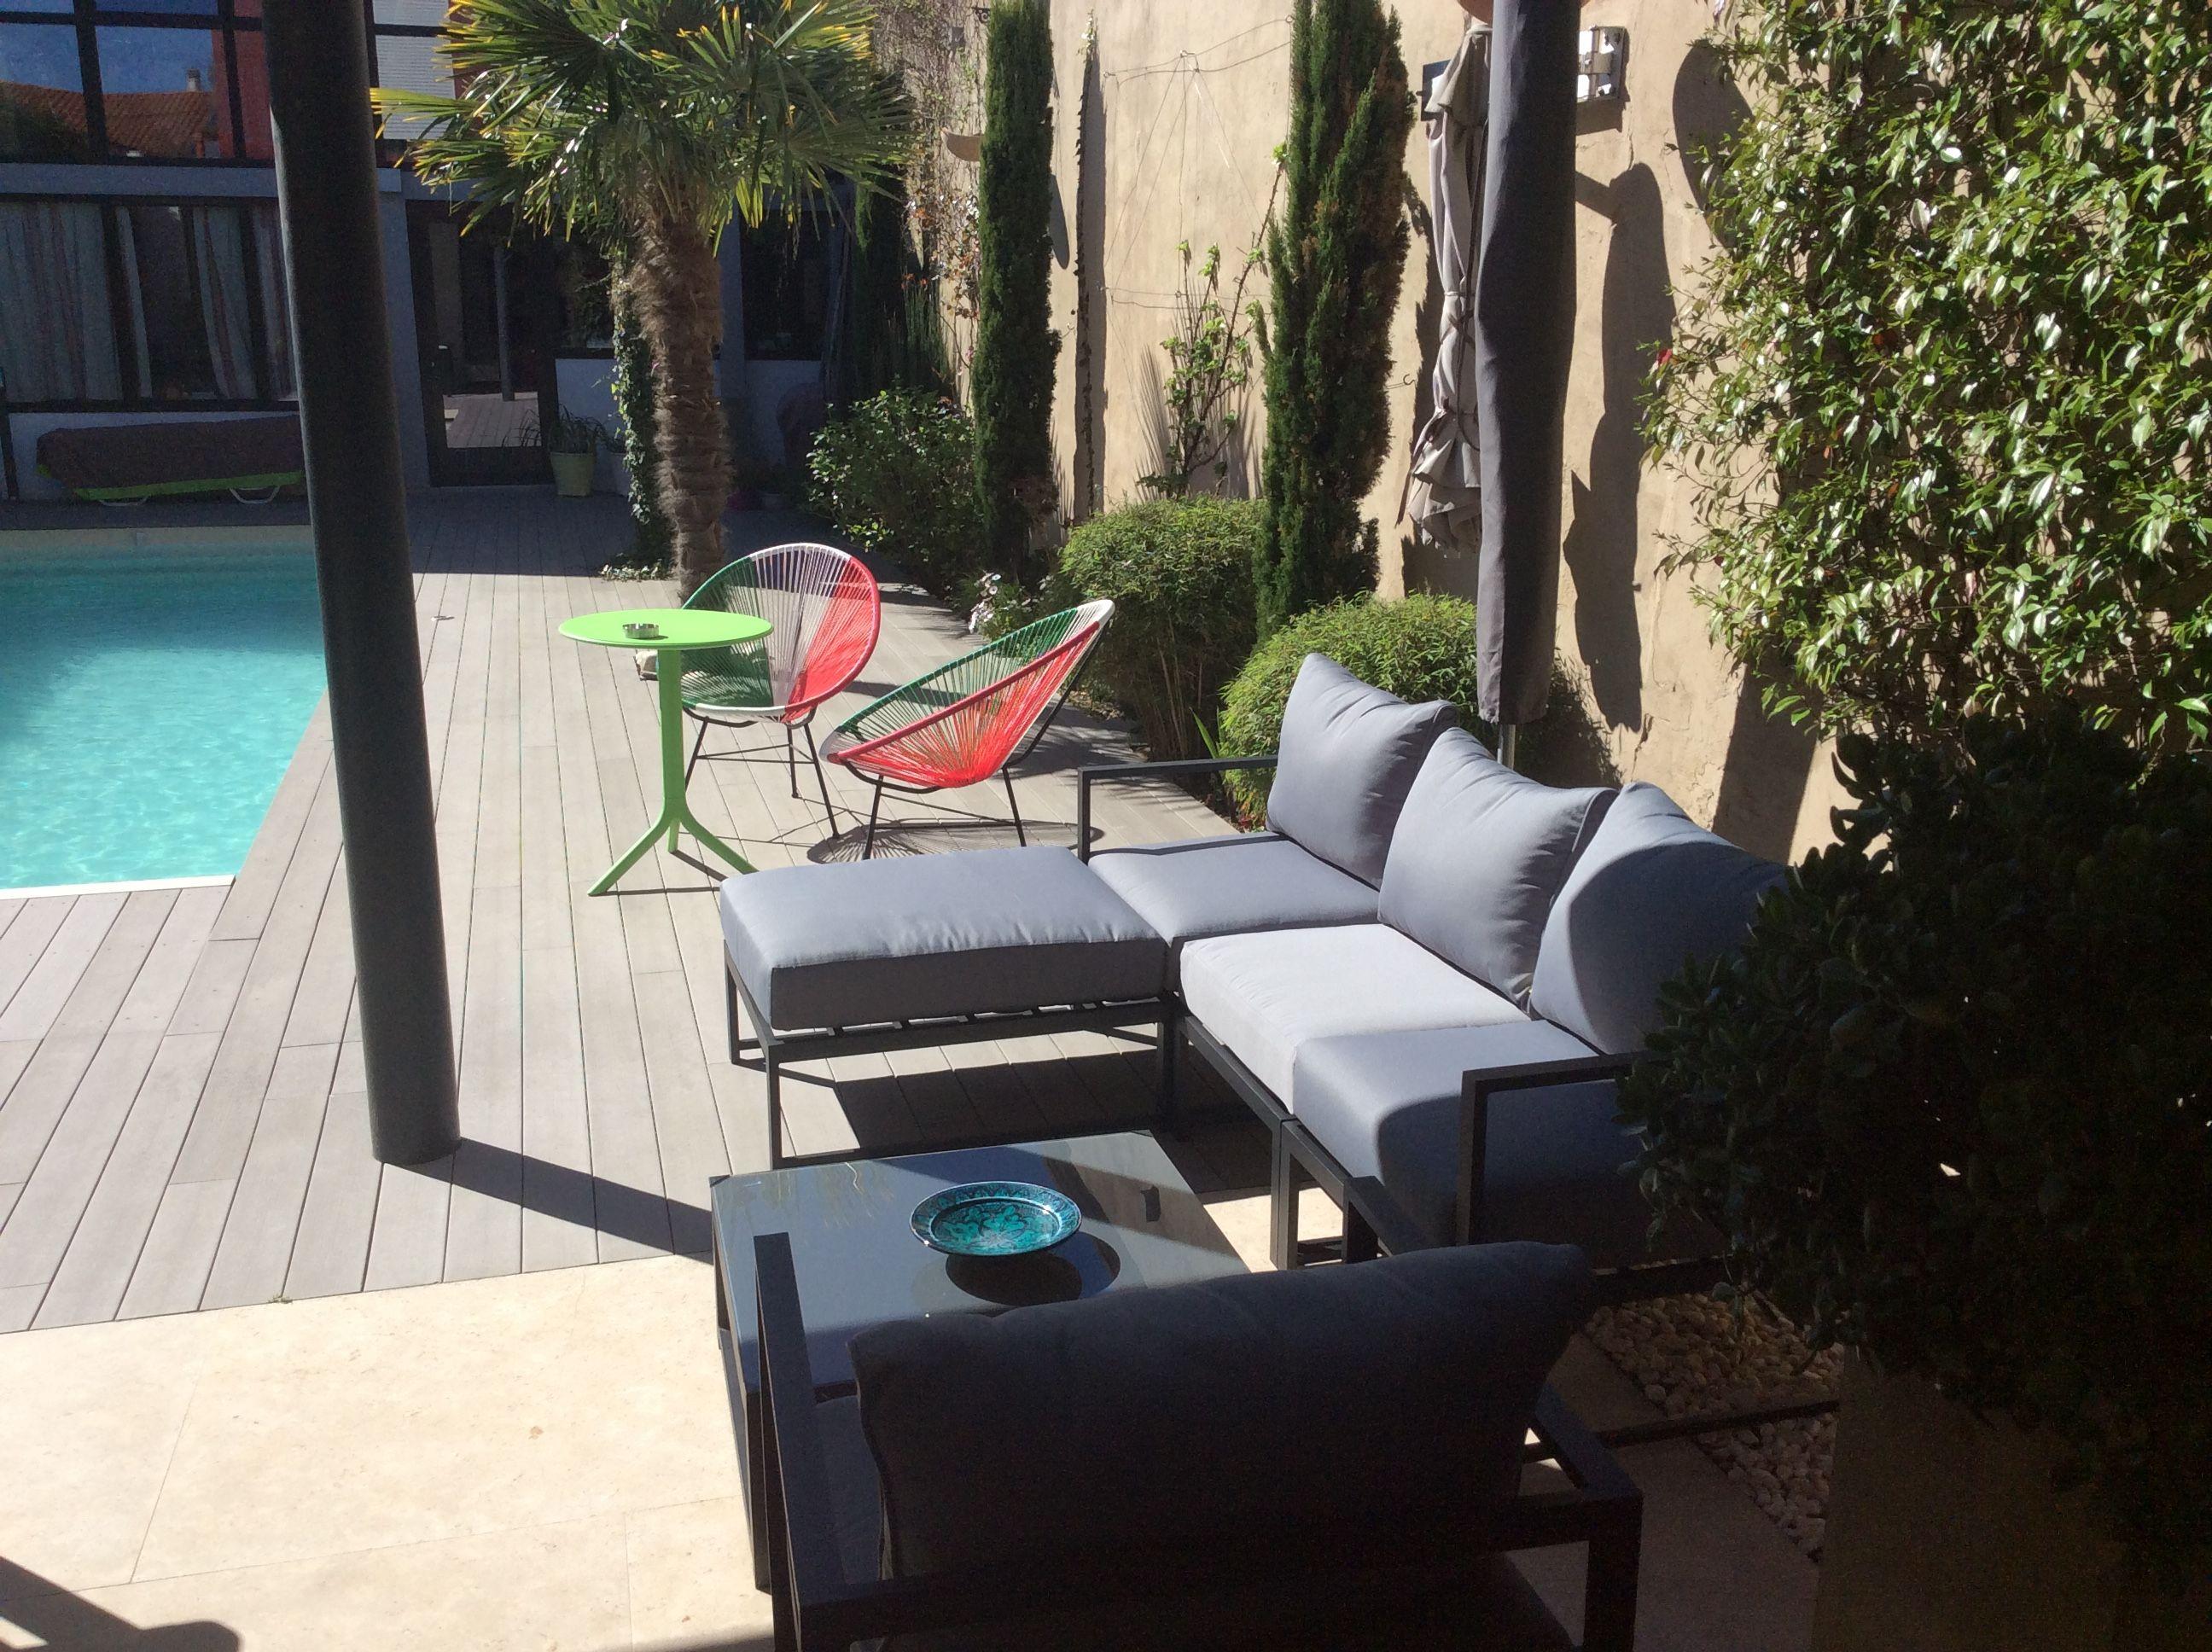 Coussins De Salon De Jardin Coussin Duextrieur Easy For Life  # Salon De Jardin Doha